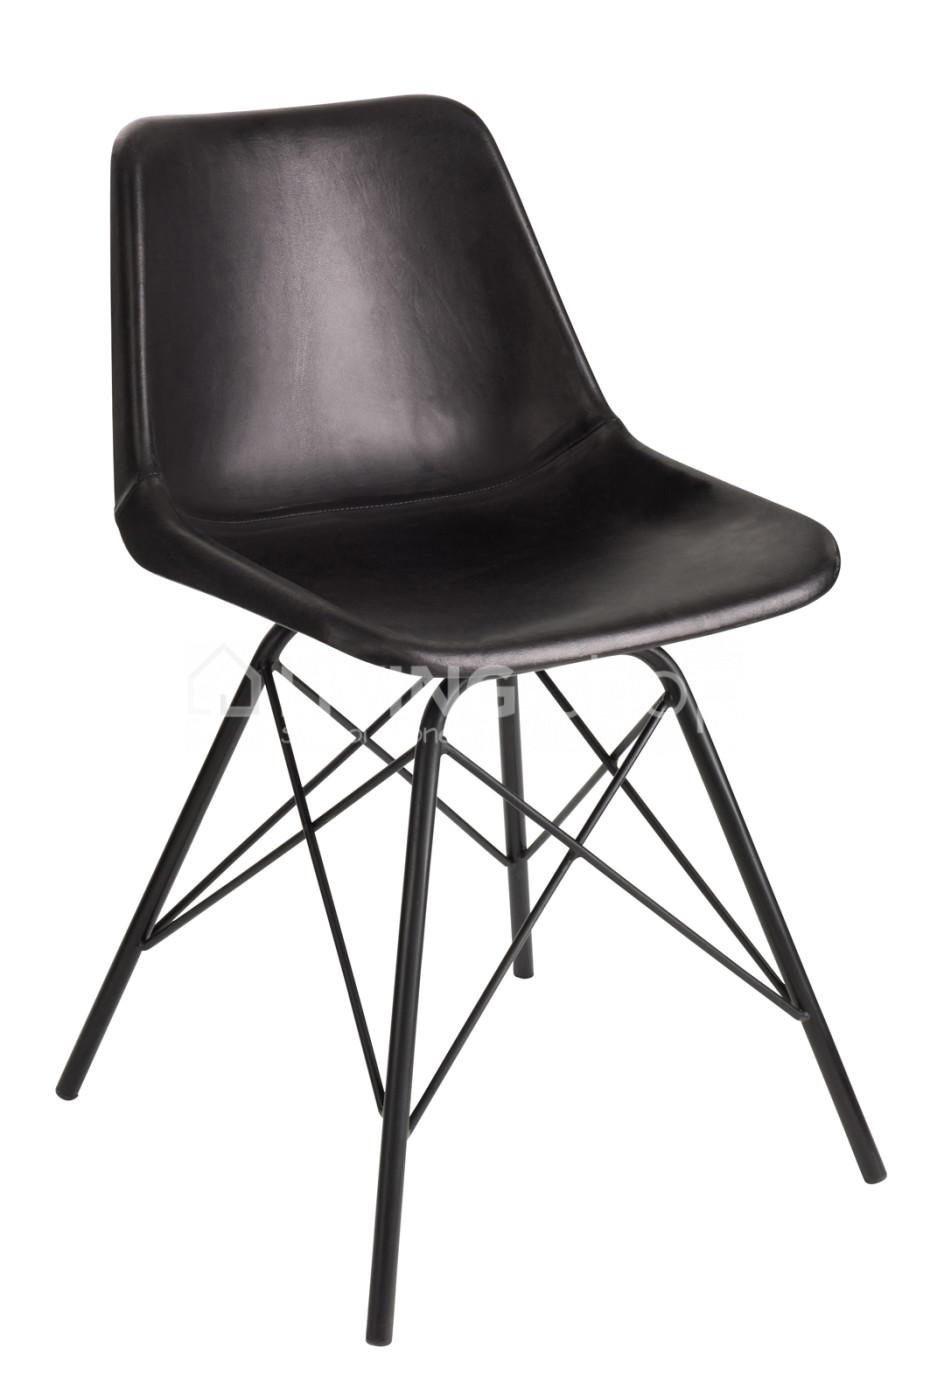 Design stoelen replica design eames dsw stoelen online for Design stoel 24